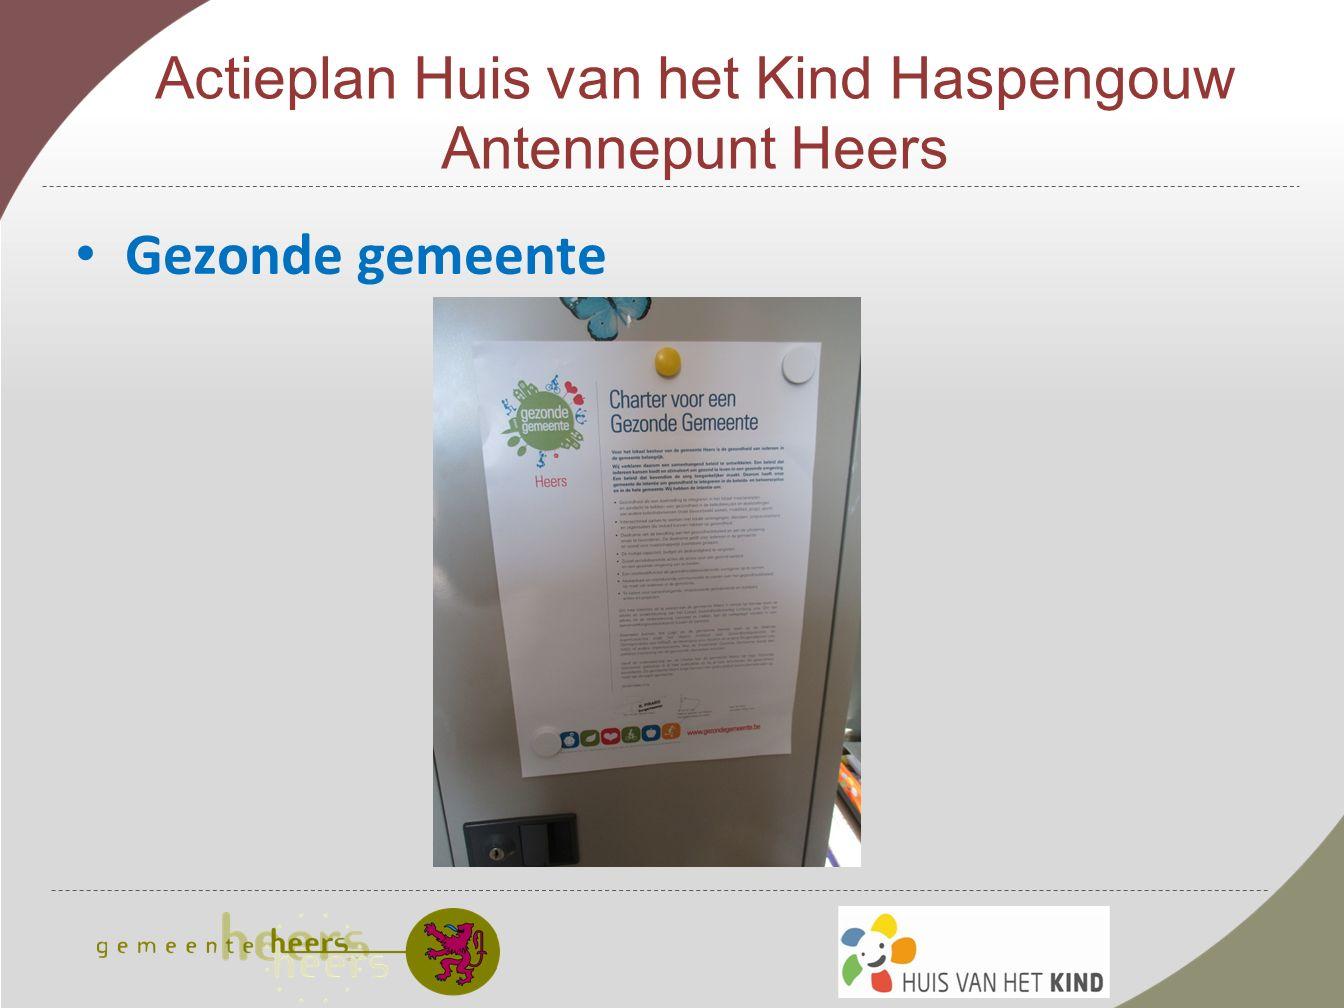 Actieplan Huis van het Kind Haspengouw Antennepunt Heers Gezonde gemeente